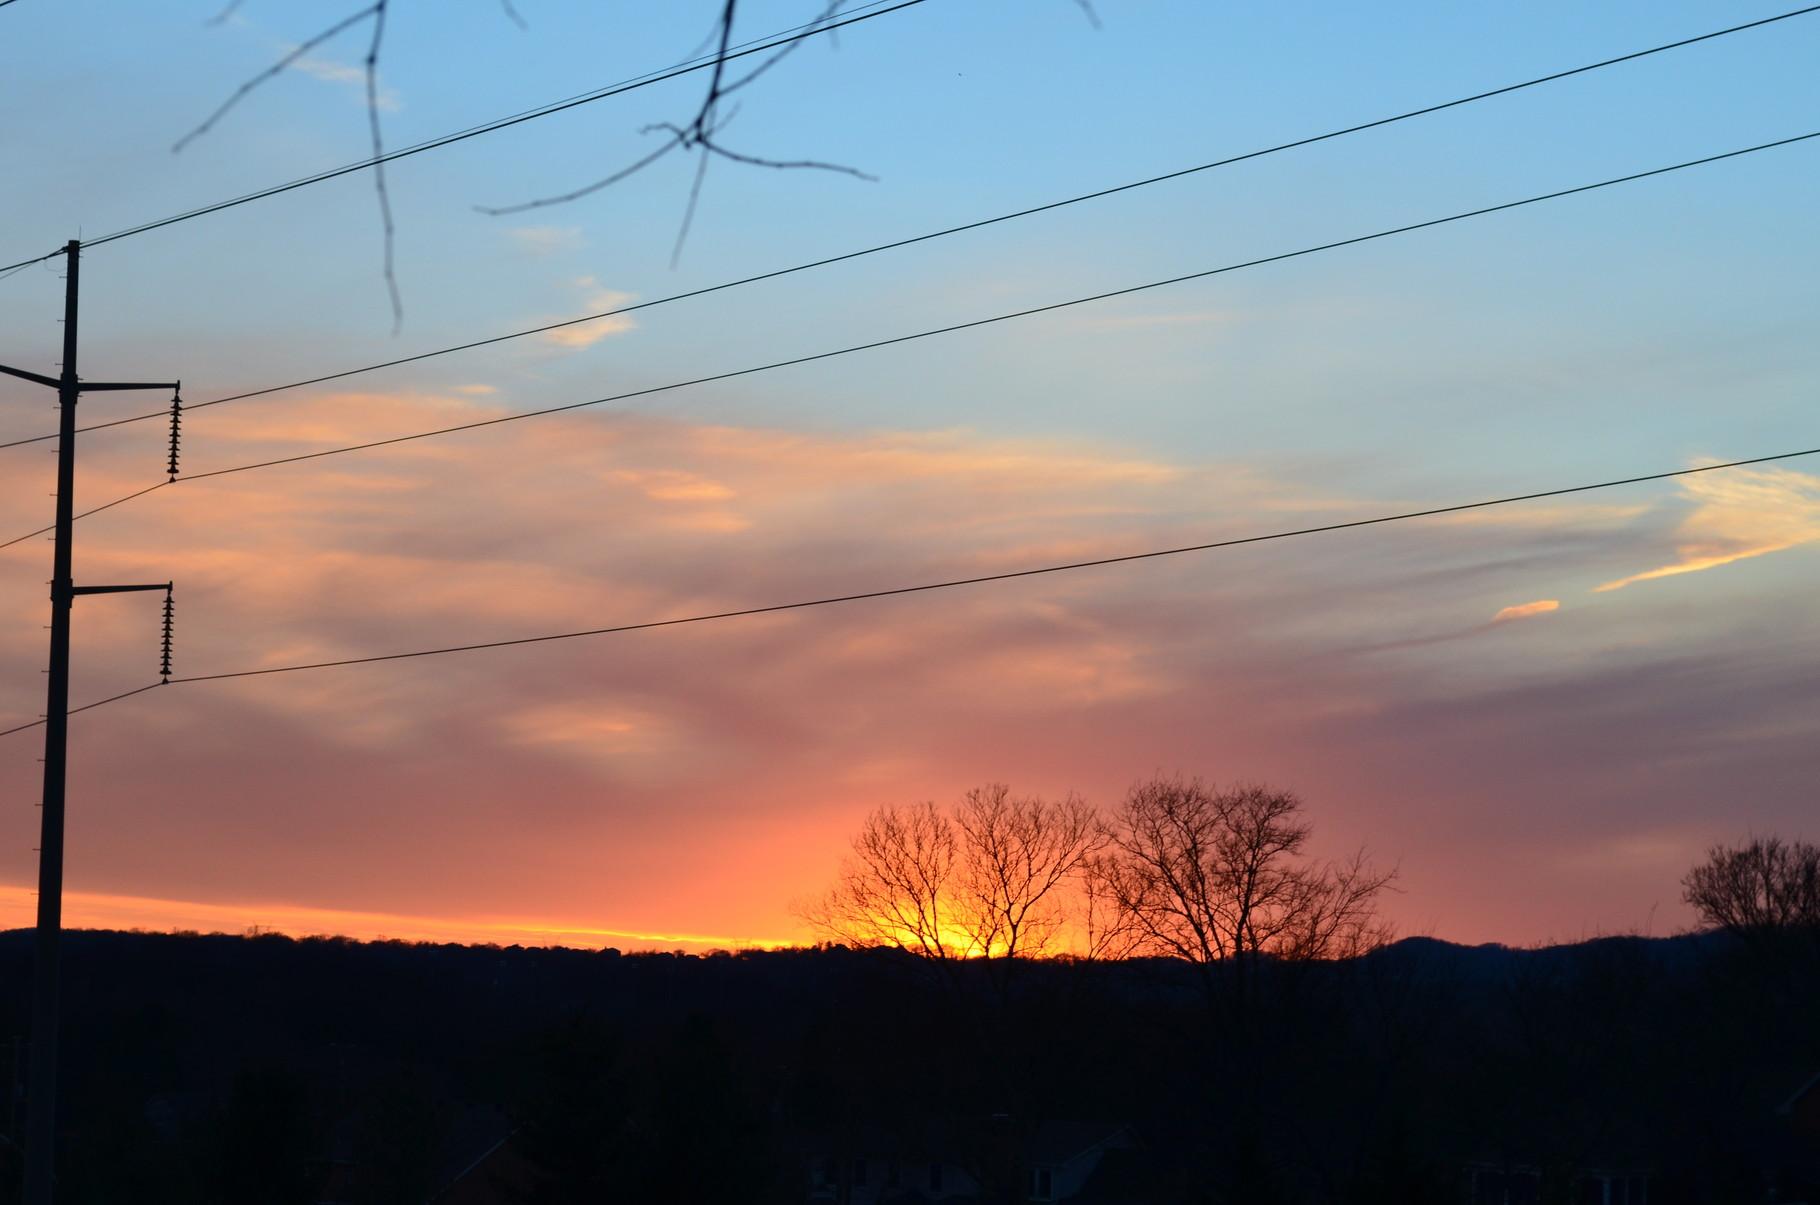 Spielereien mit meiner neuen Kamera - hier Sonnenuntergang